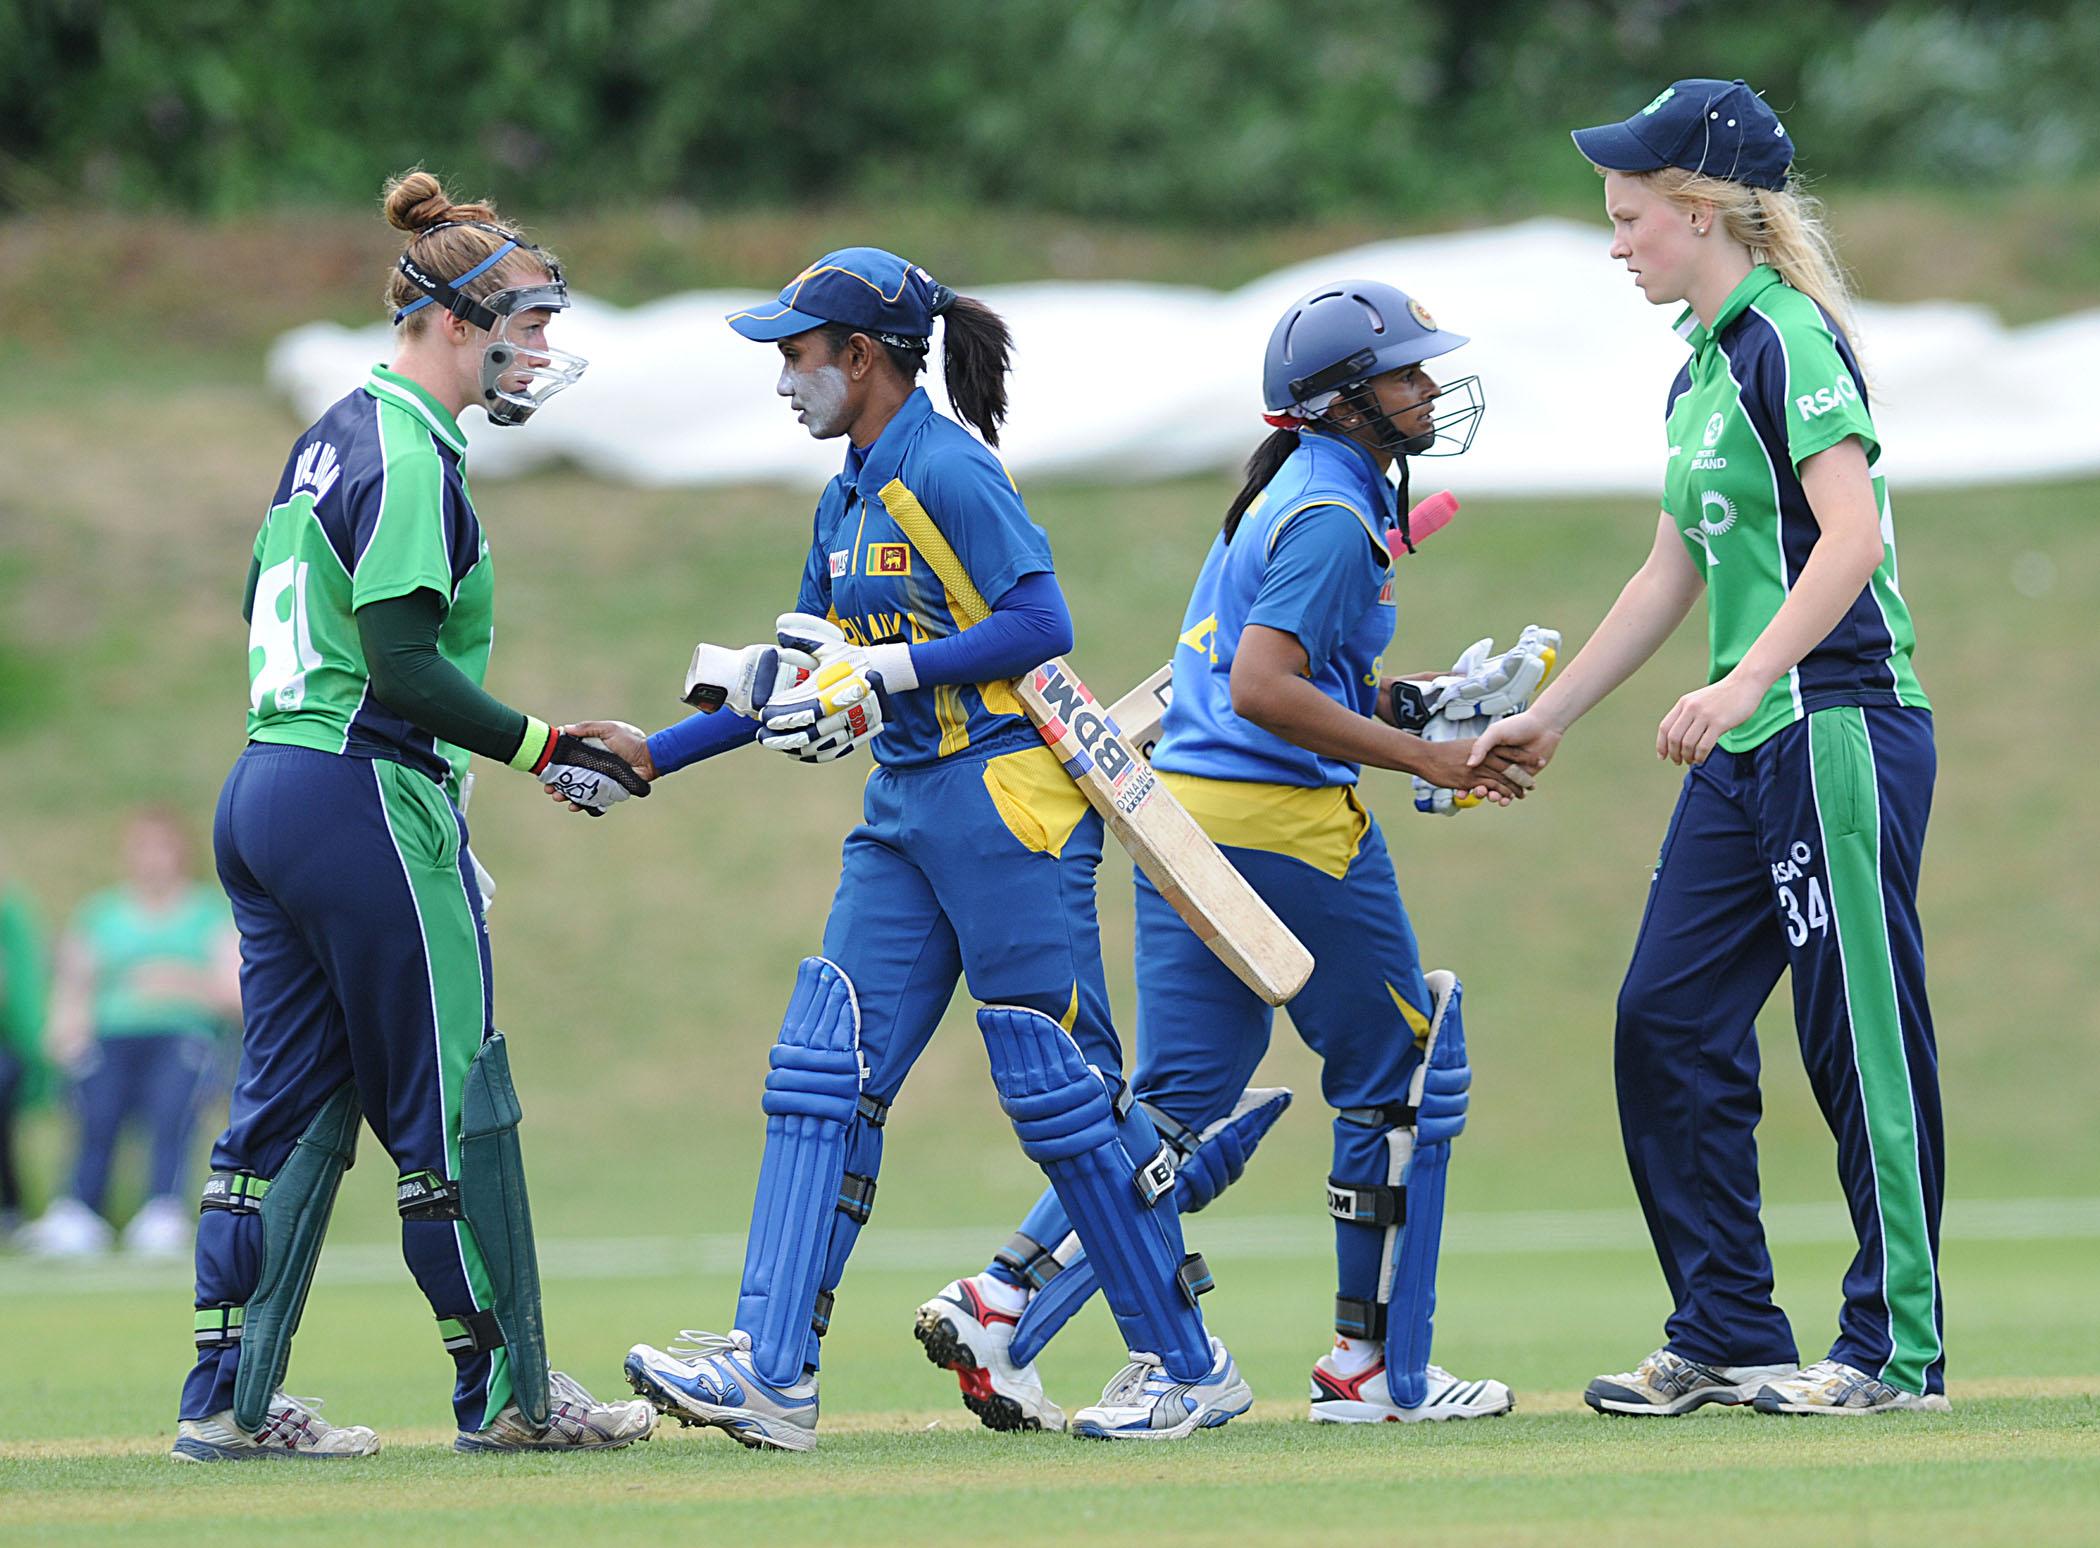 Sri Lanka vs Ireland, Women's WT20 Qualifier, Dublin, 2013